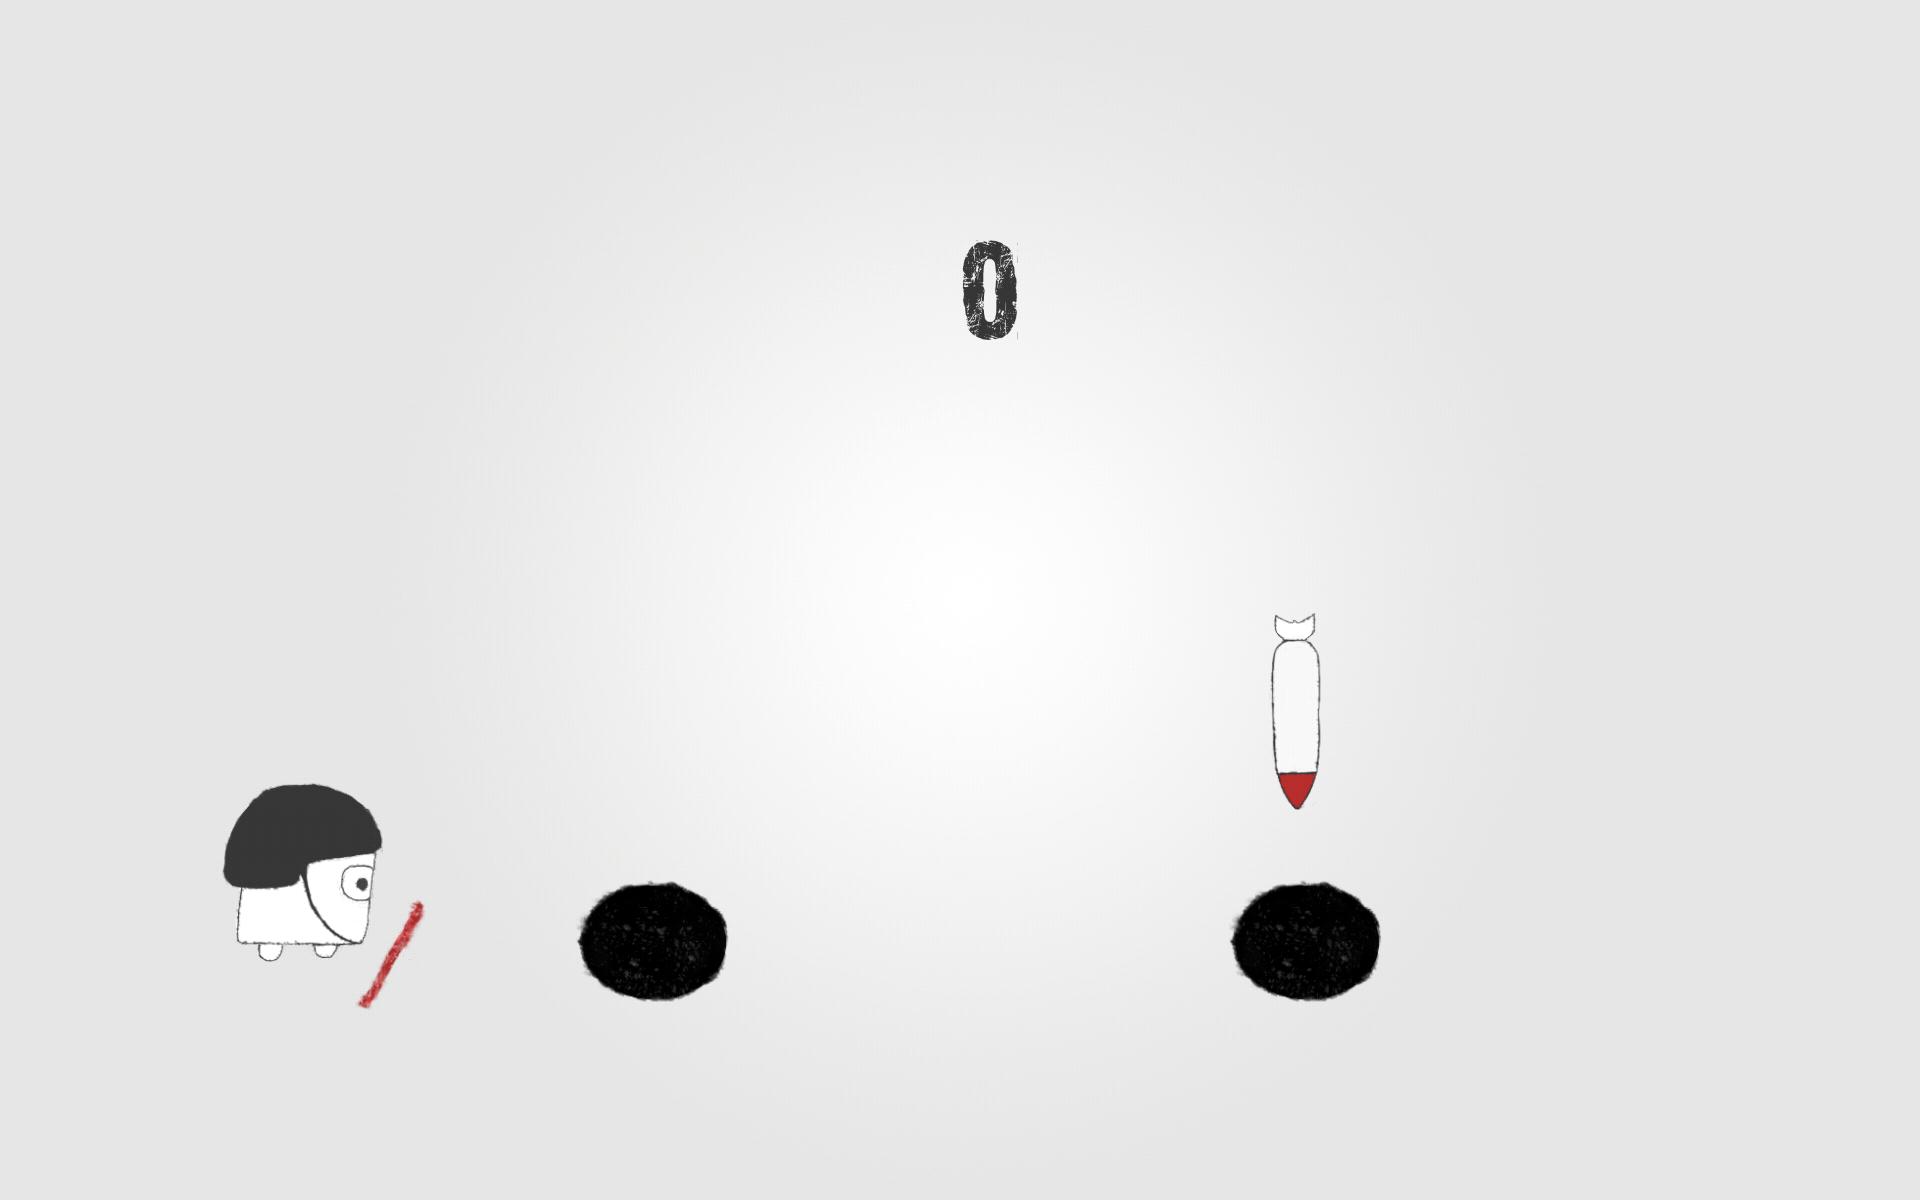 История разработки моей первой игры - 9